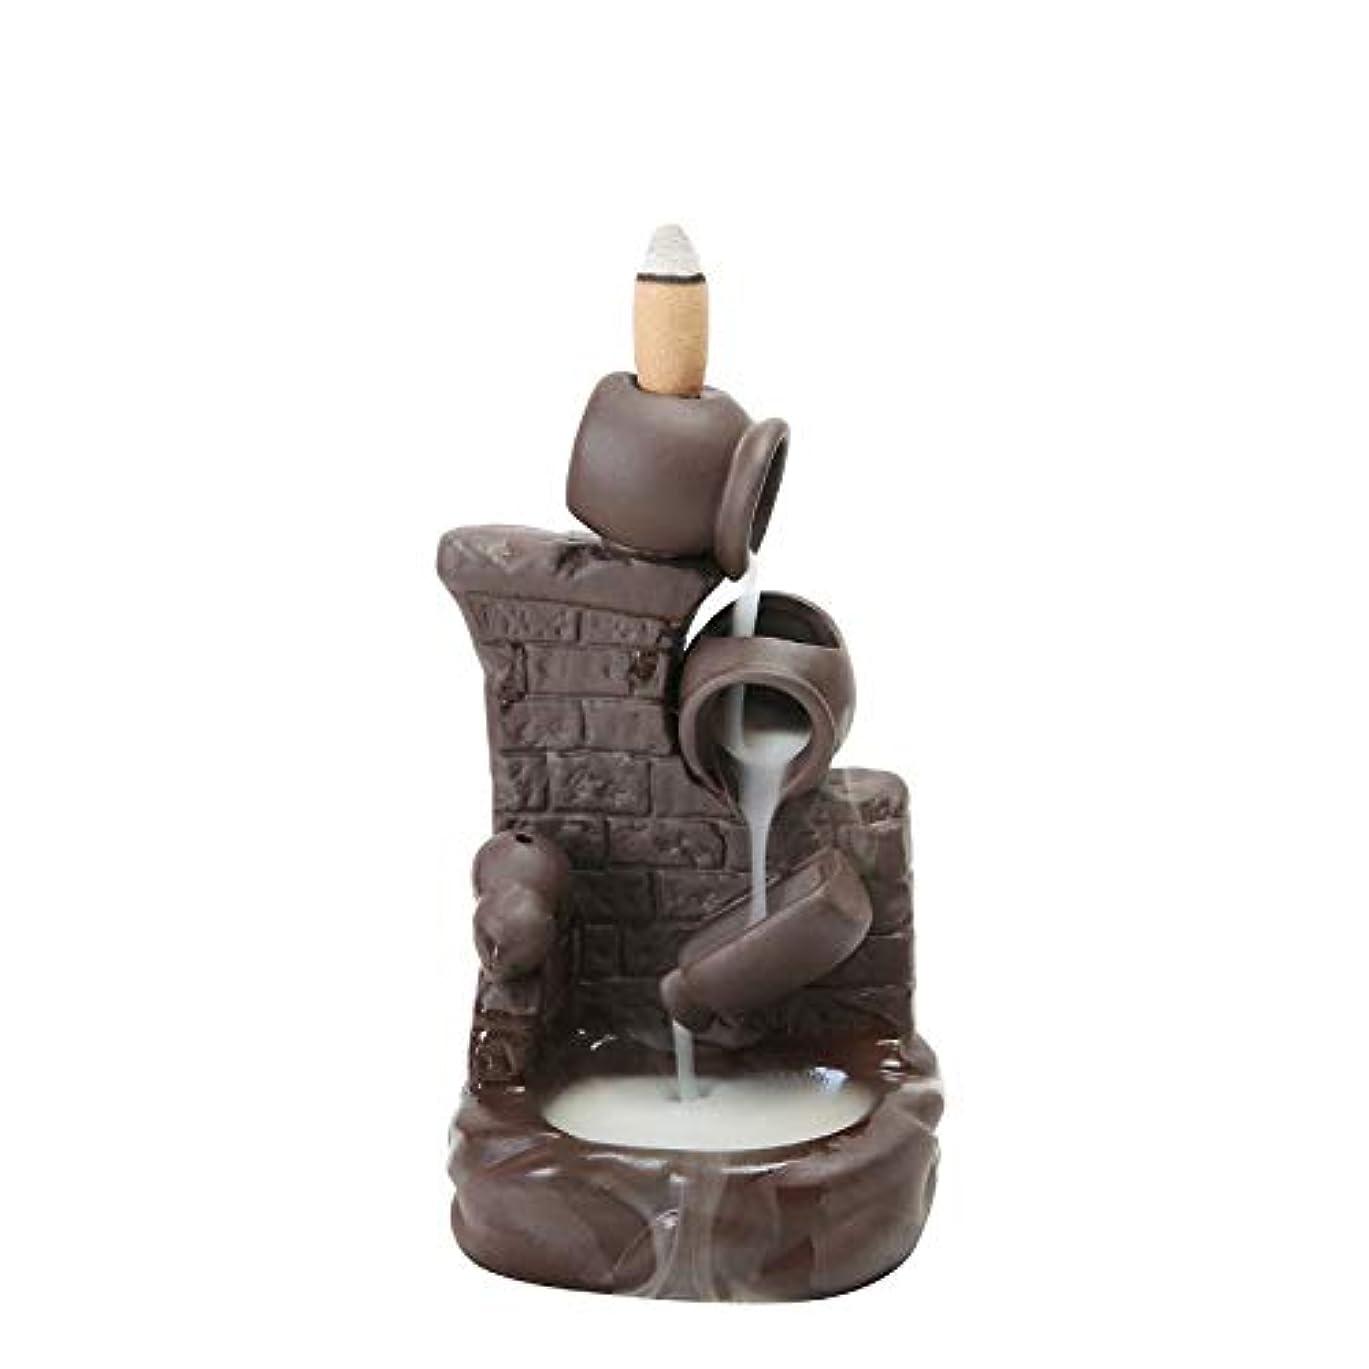 不健全何か楽しむ(Style 6) - Gift Pro Ceramic Backflow Incense Tower Burner Statue Figurine Incense Holder Incenses Not Included...